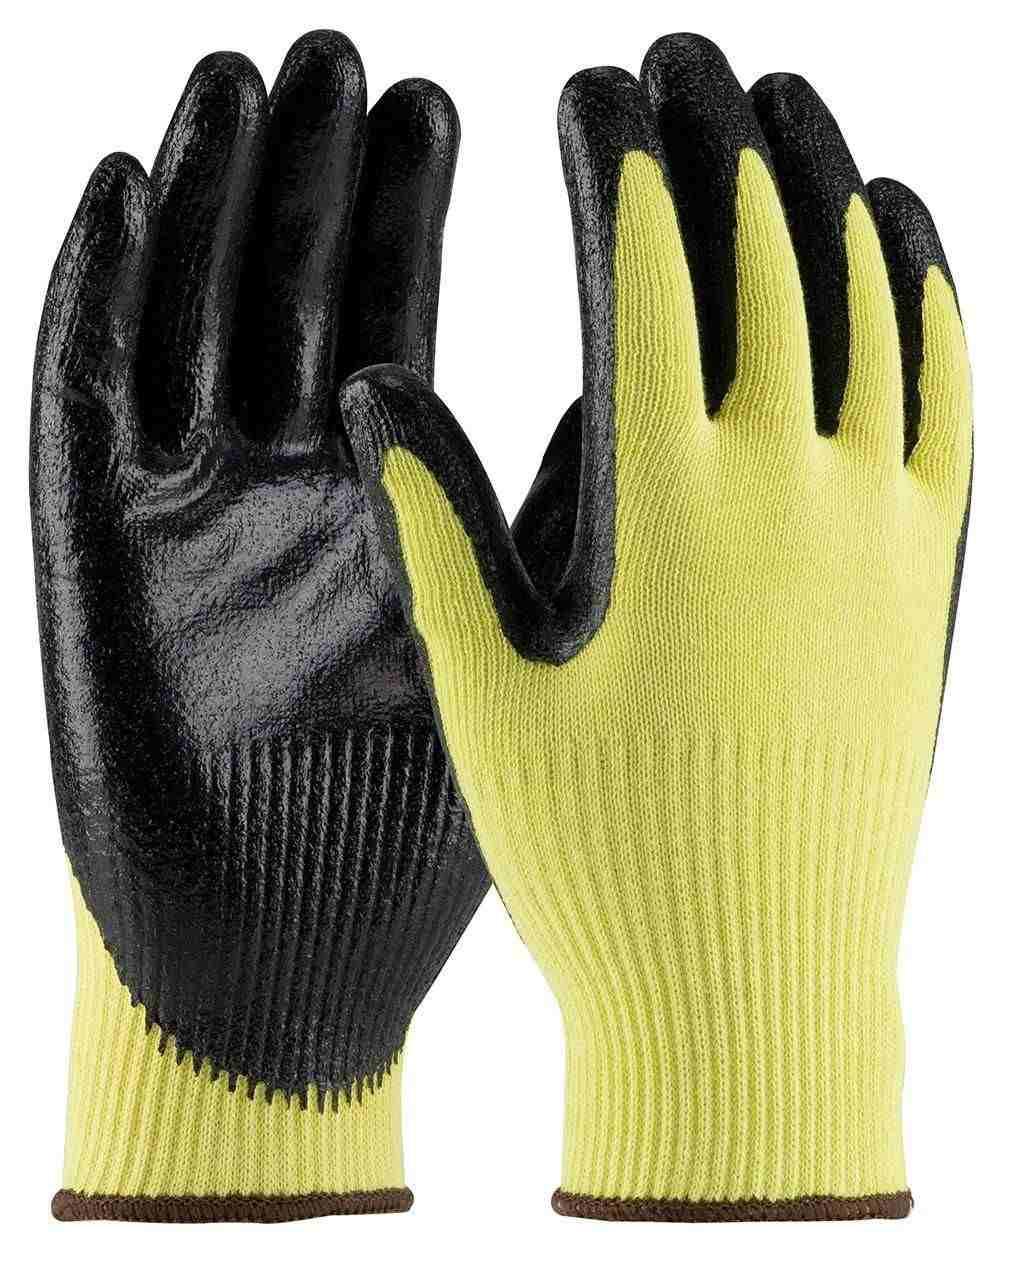 Pip G Tek 09 K1660 Seamless Microfinish Knit Kevlar